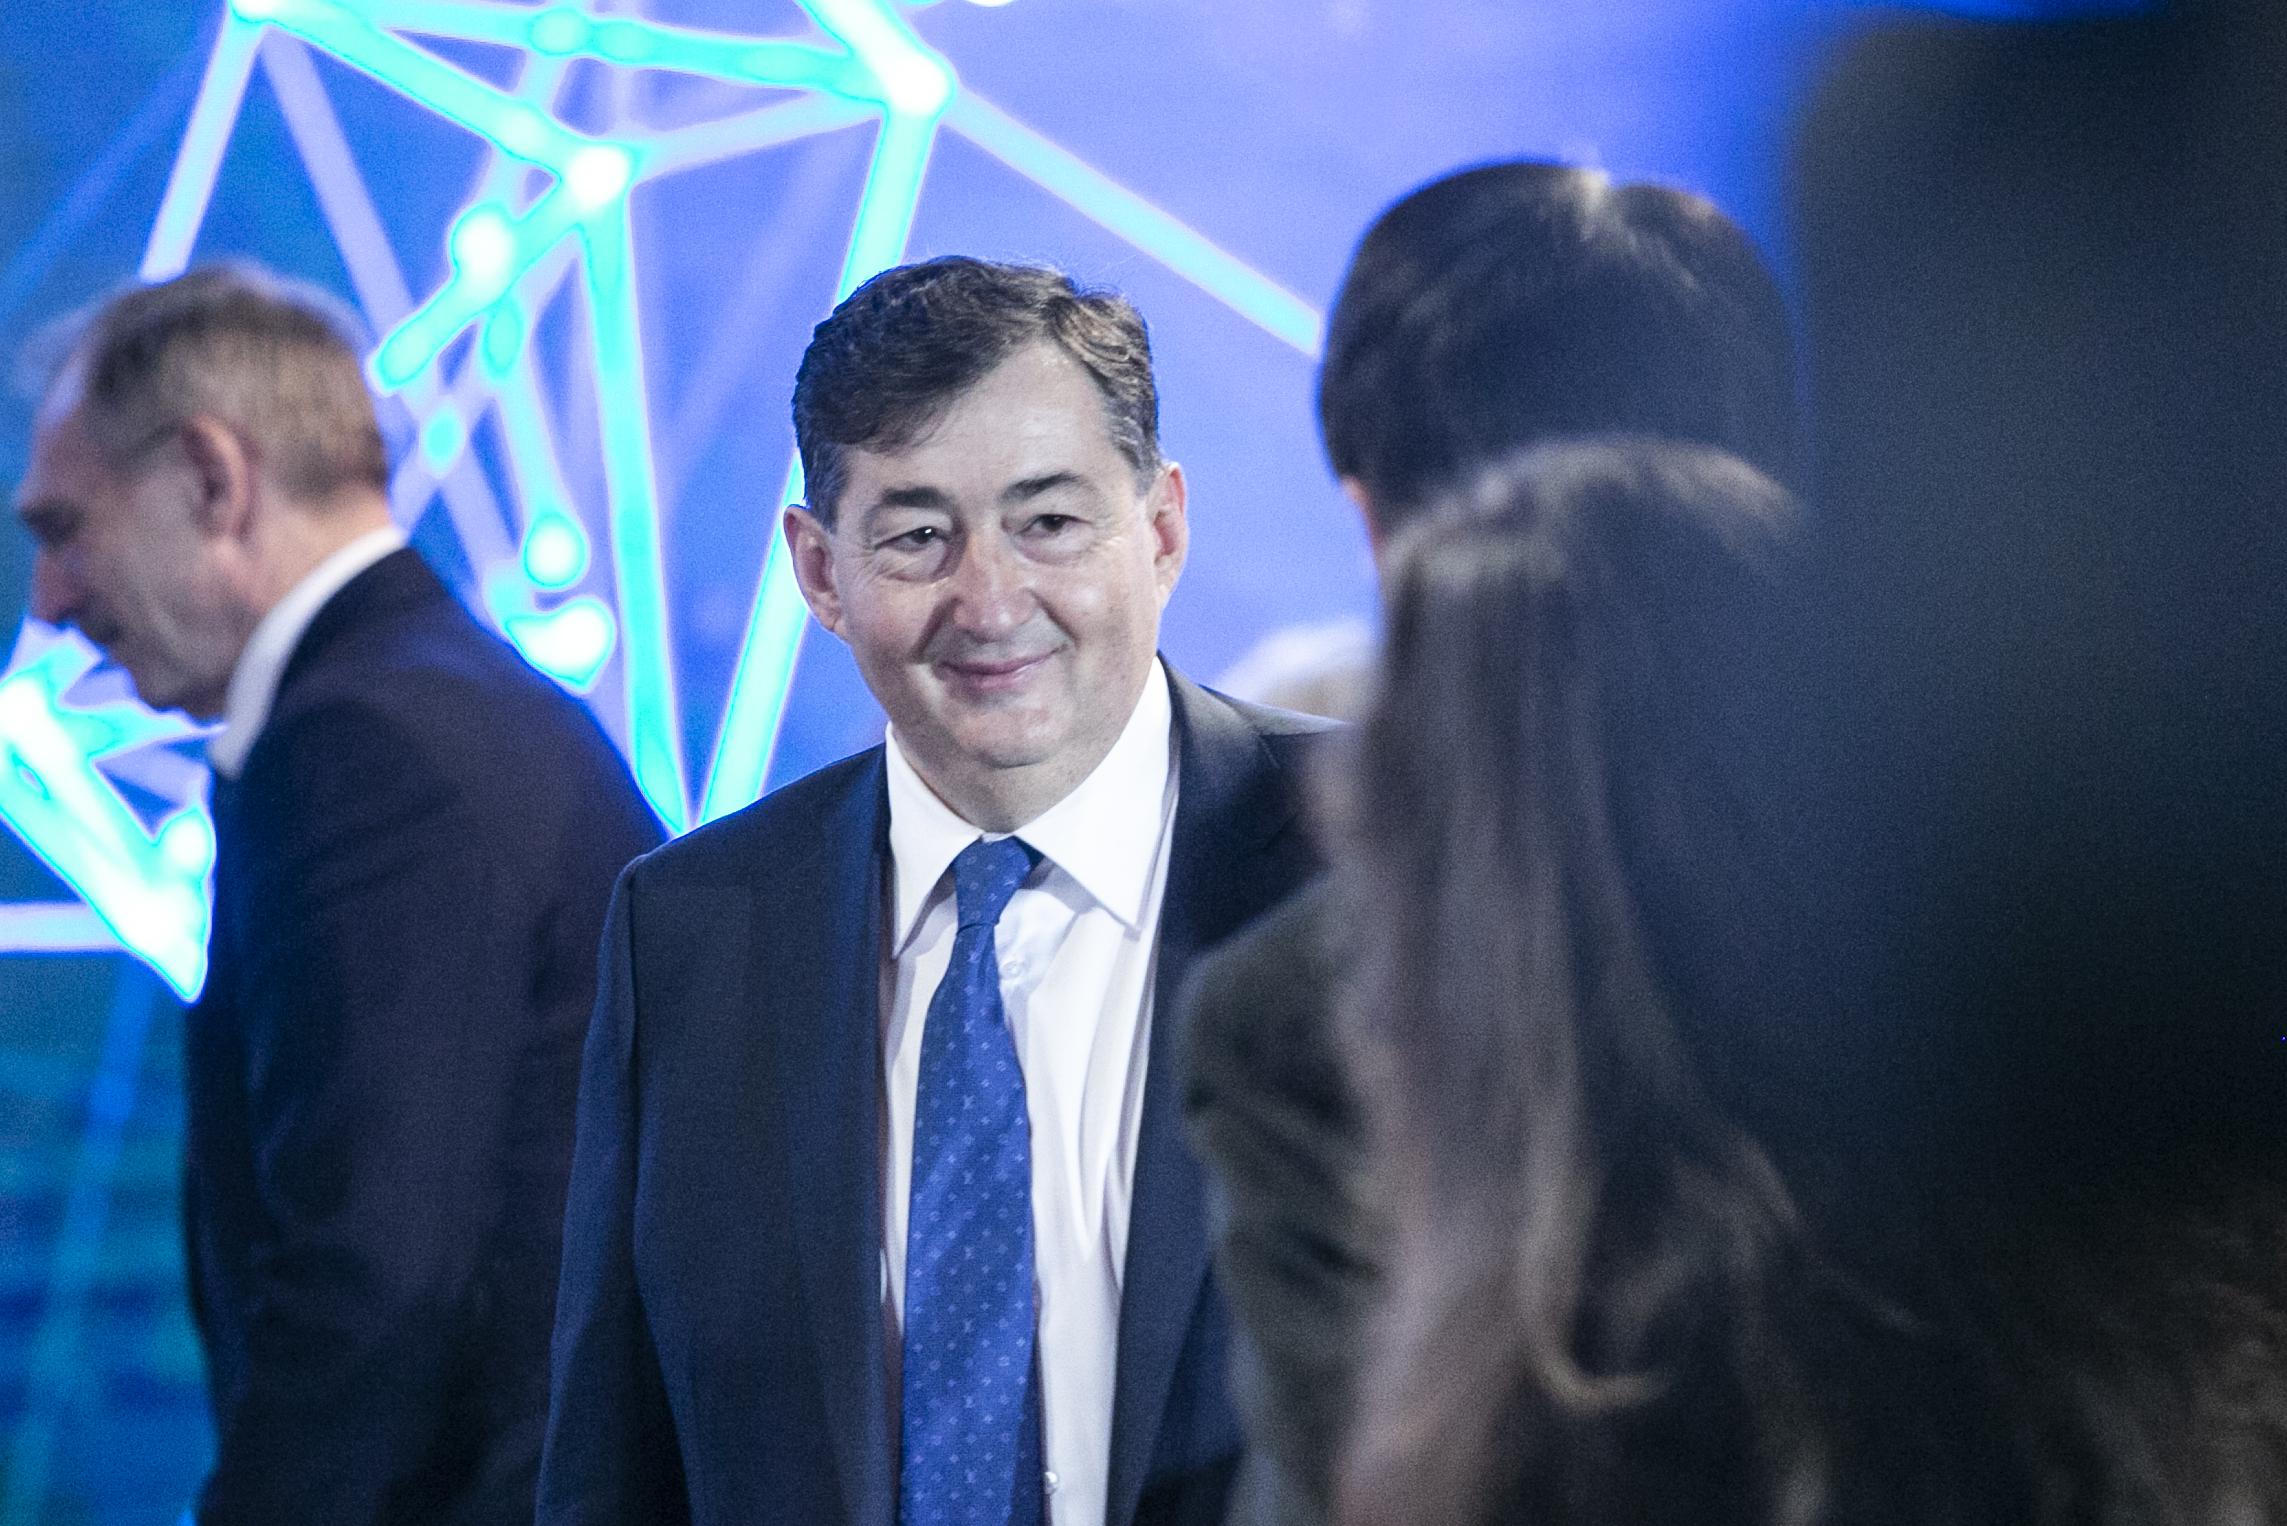 Mészáros Lőrinc cége 25,9 milliárd forintért dolgozhat az új Néprajzi Múzeum épületén